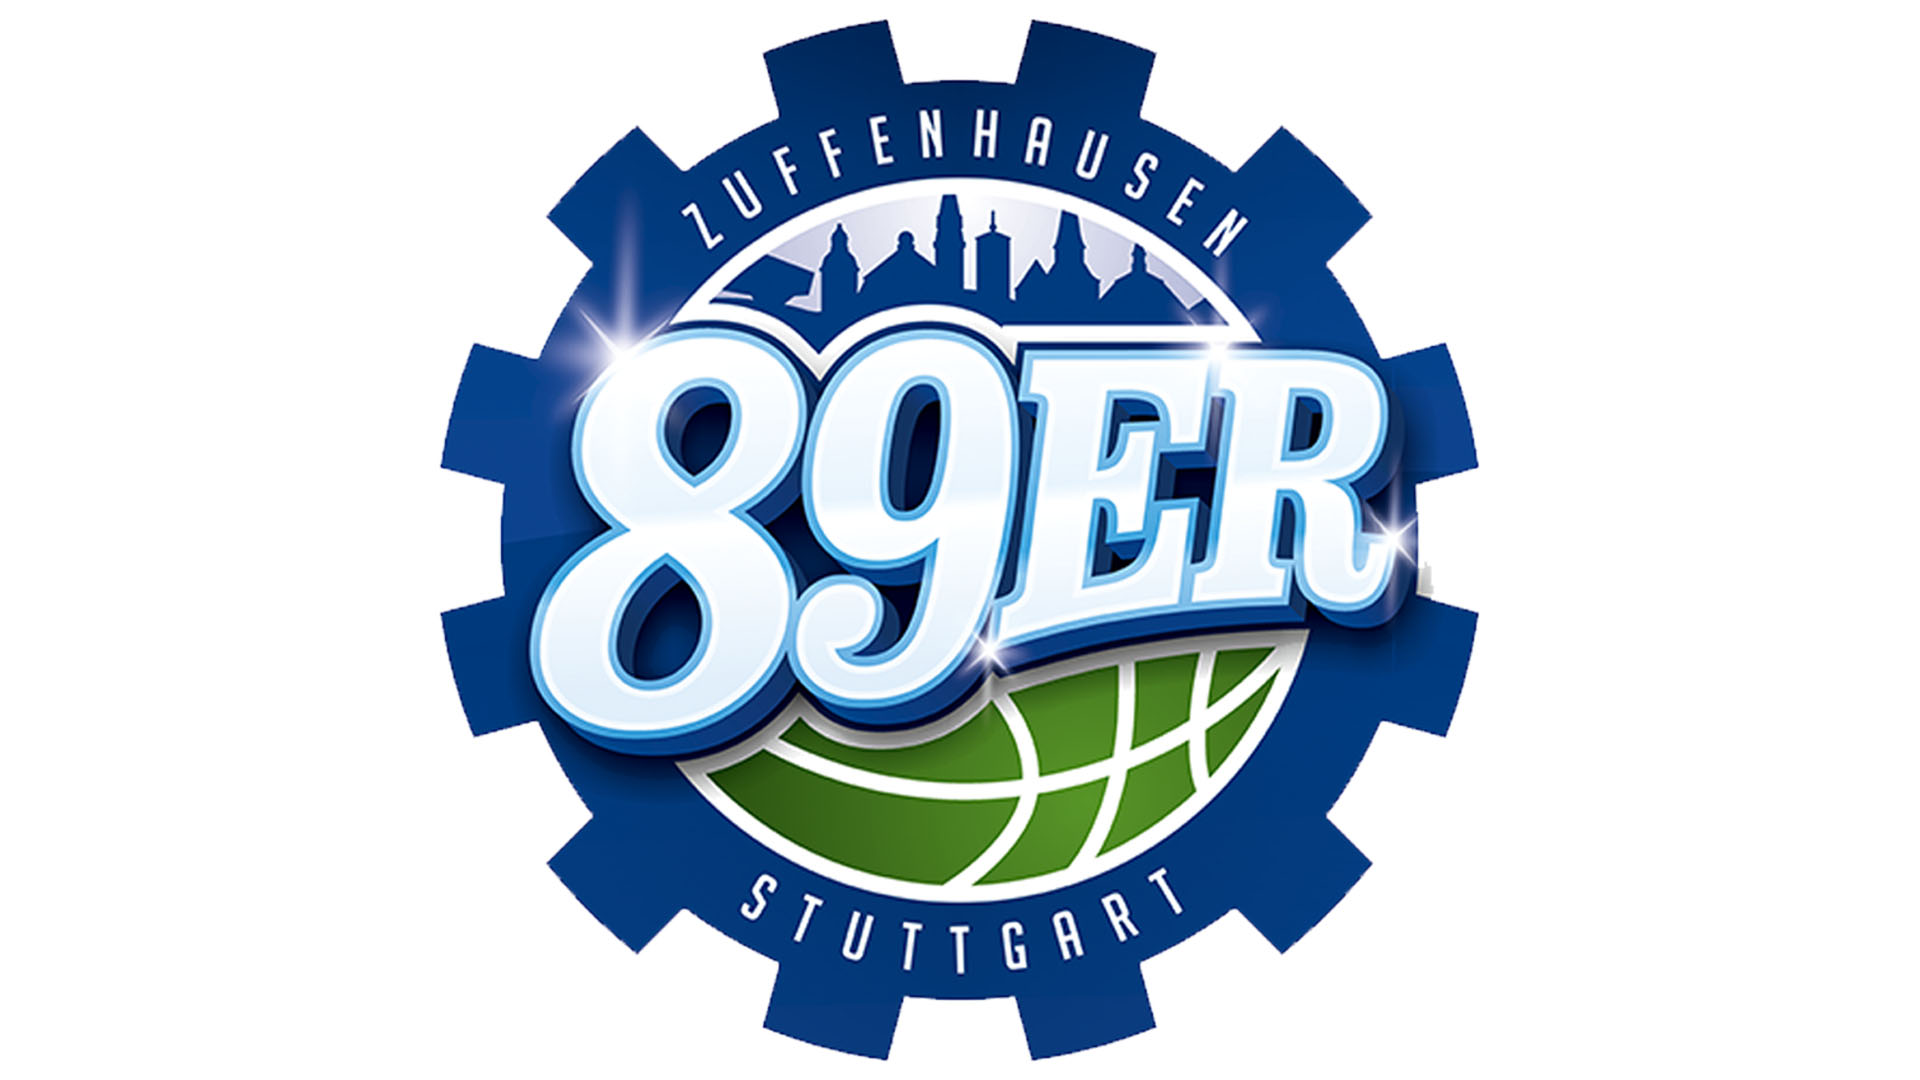 Zuffenhausen-89er-Logo